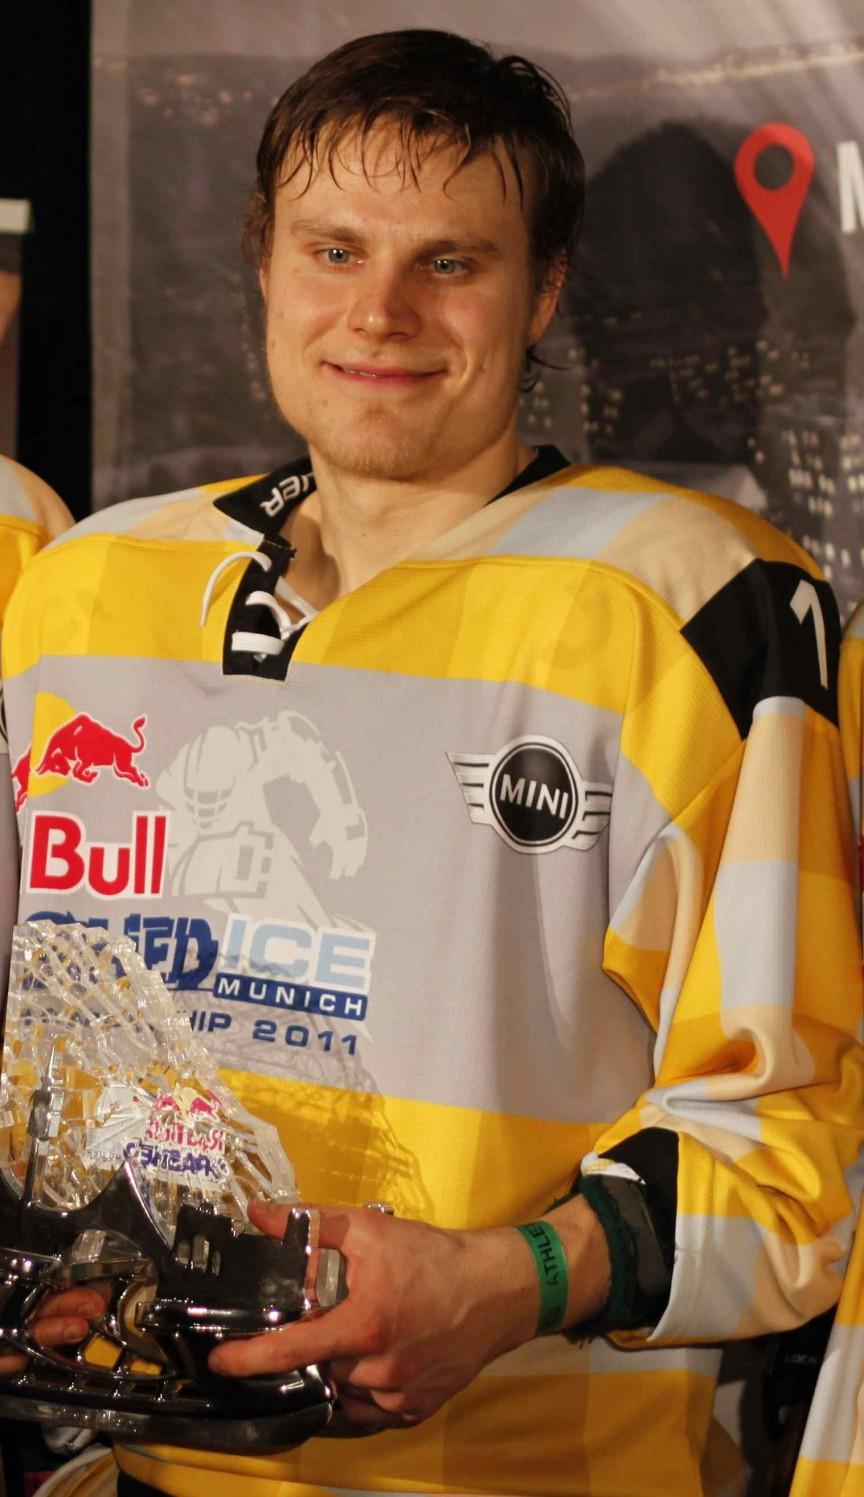 Arttu Pihlainen, Финляндия - восемь побед, один чемпионат мира